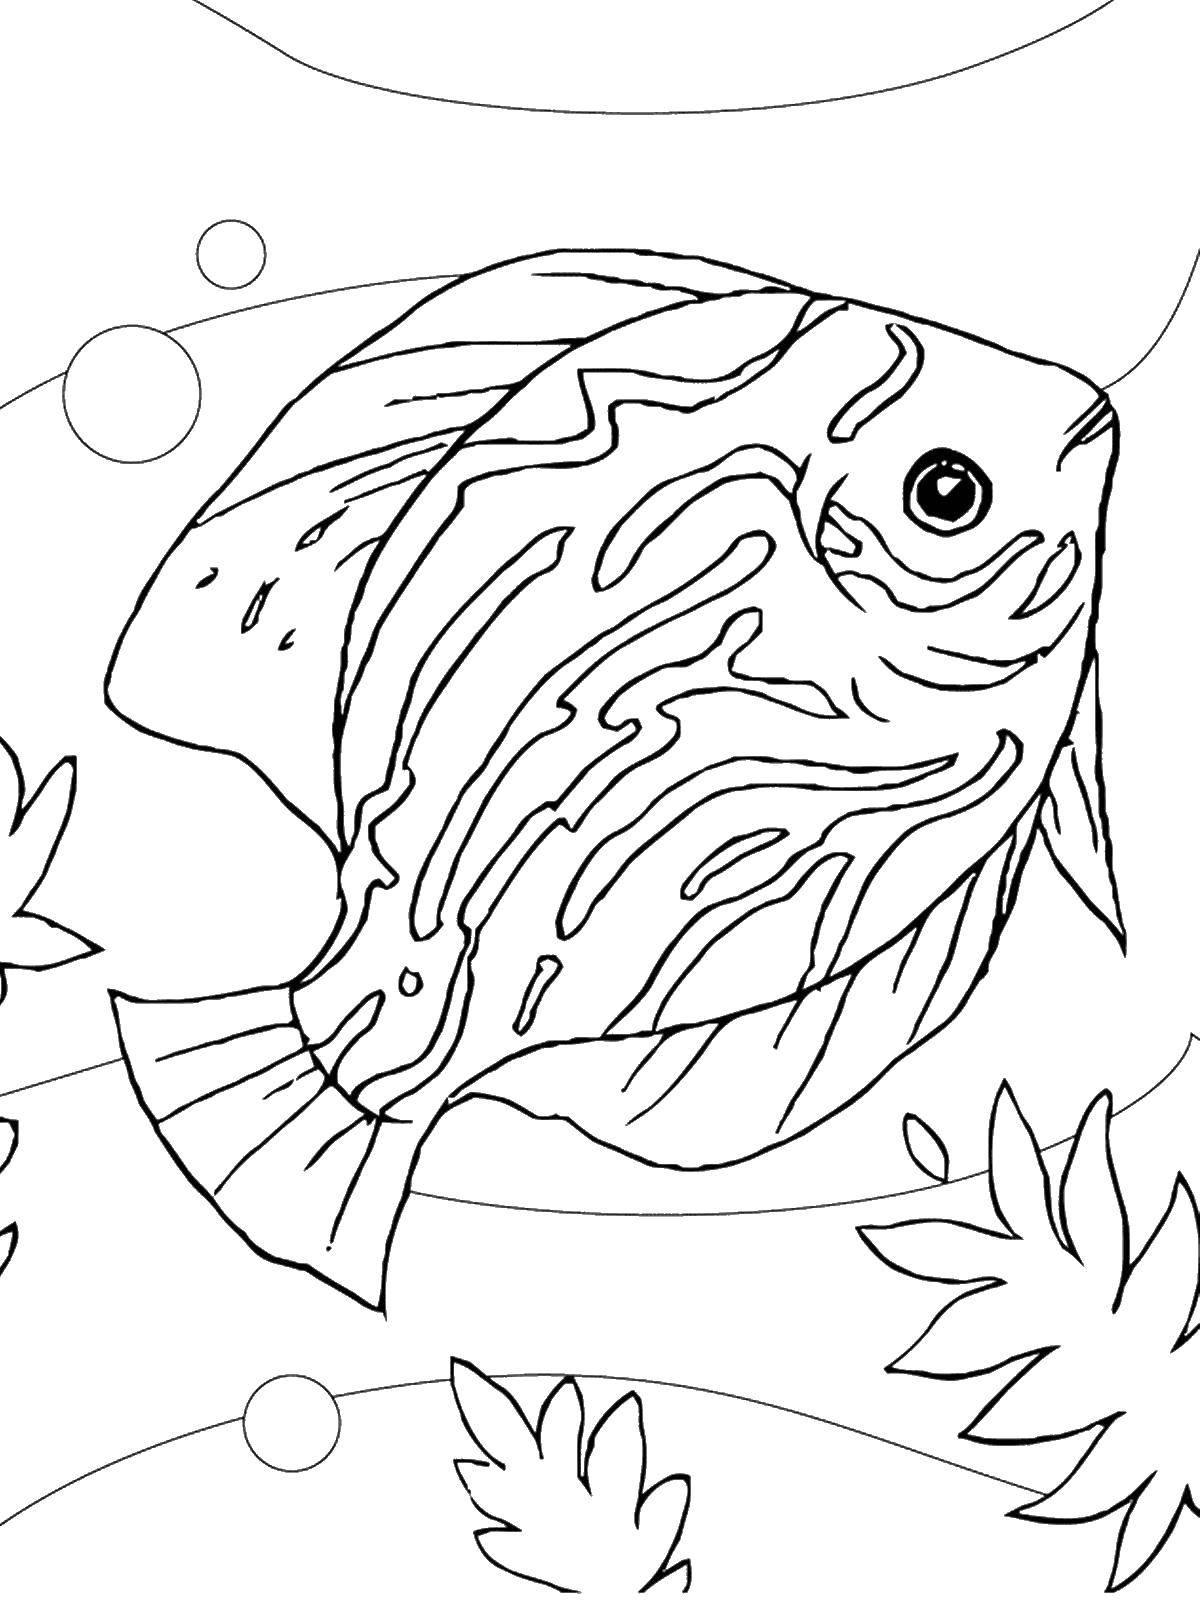 Раскраски Раскраска Рыбки в аквариуме рыбы, скачать ...